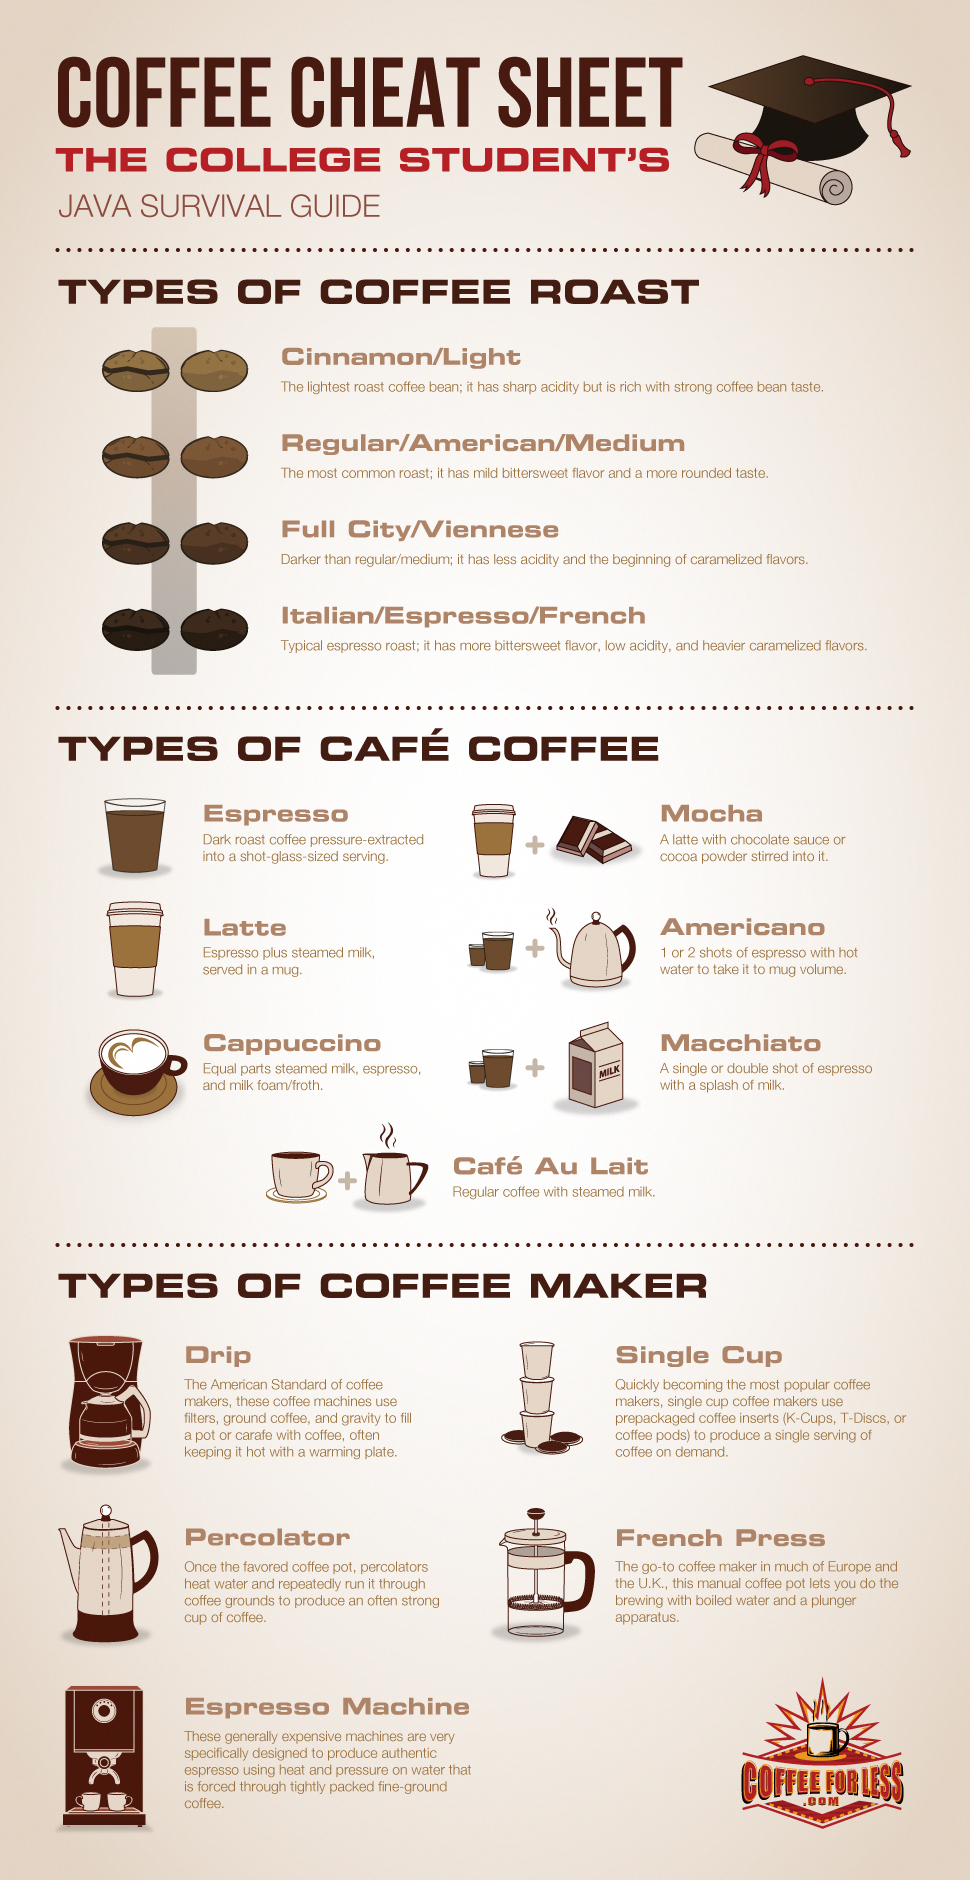 disfunción eréctil de kava